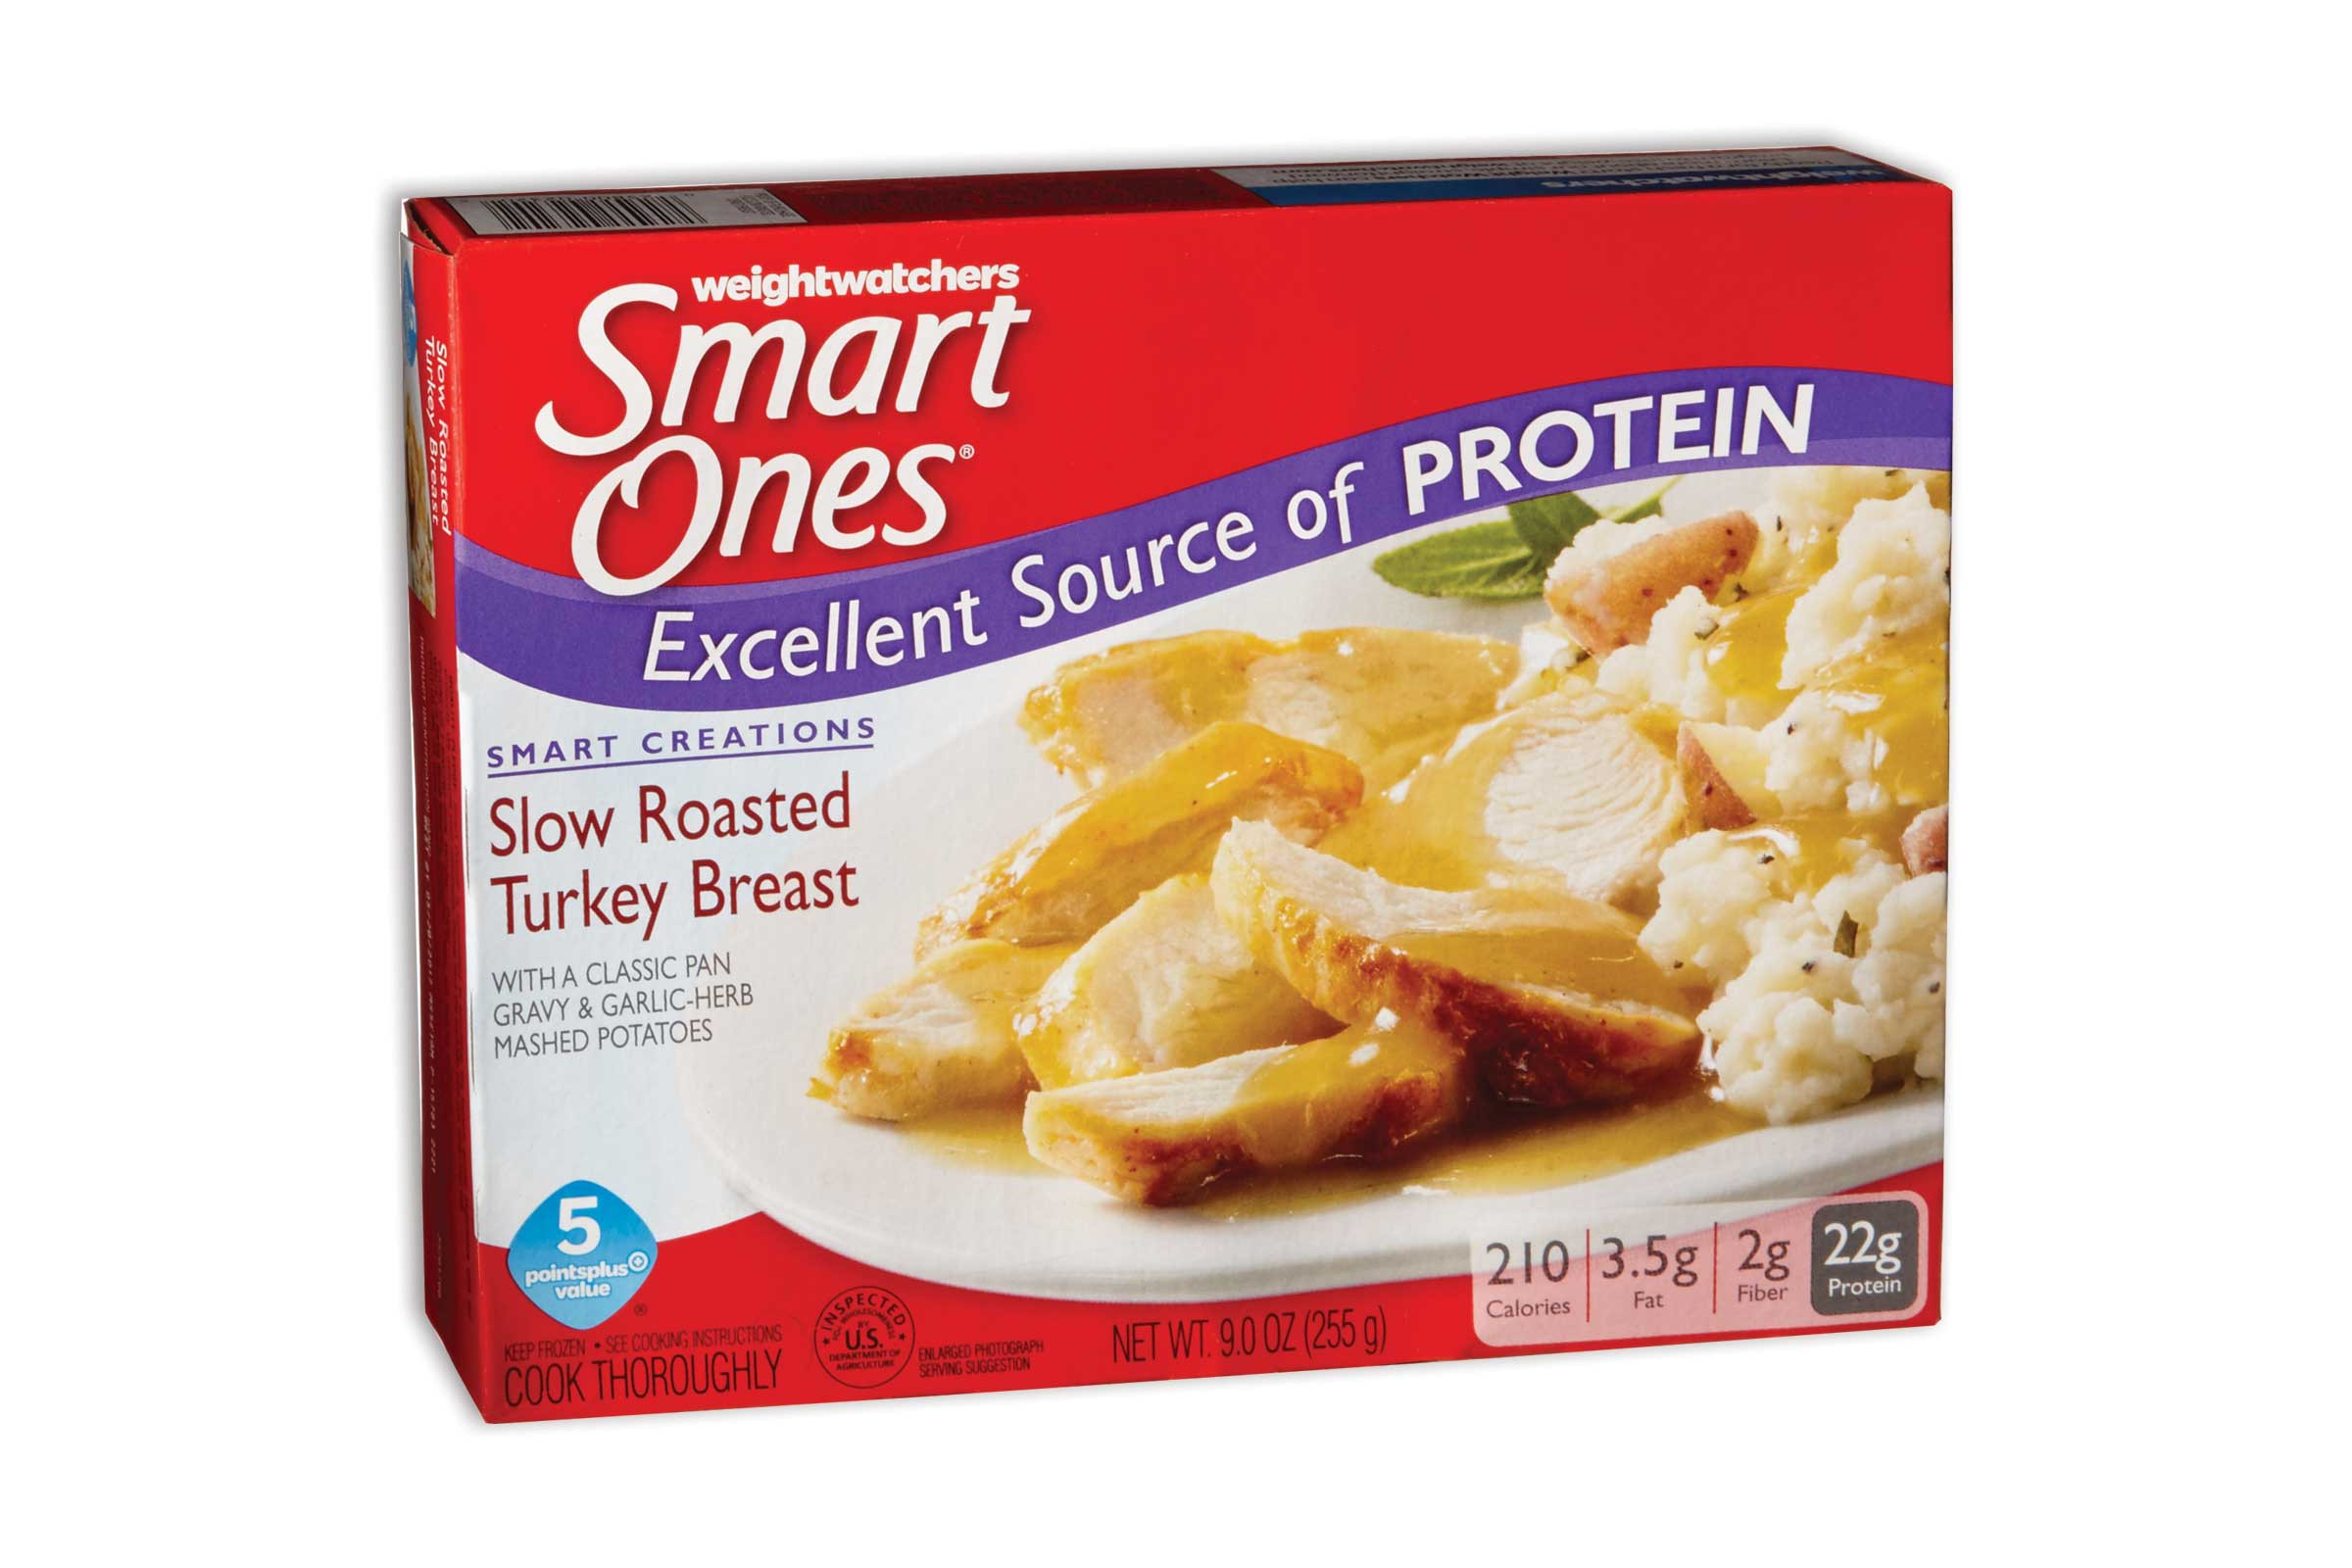 Healthy Frozen Breakfast Foods  Smart es Nutritional Information Breakfast – Nutrition